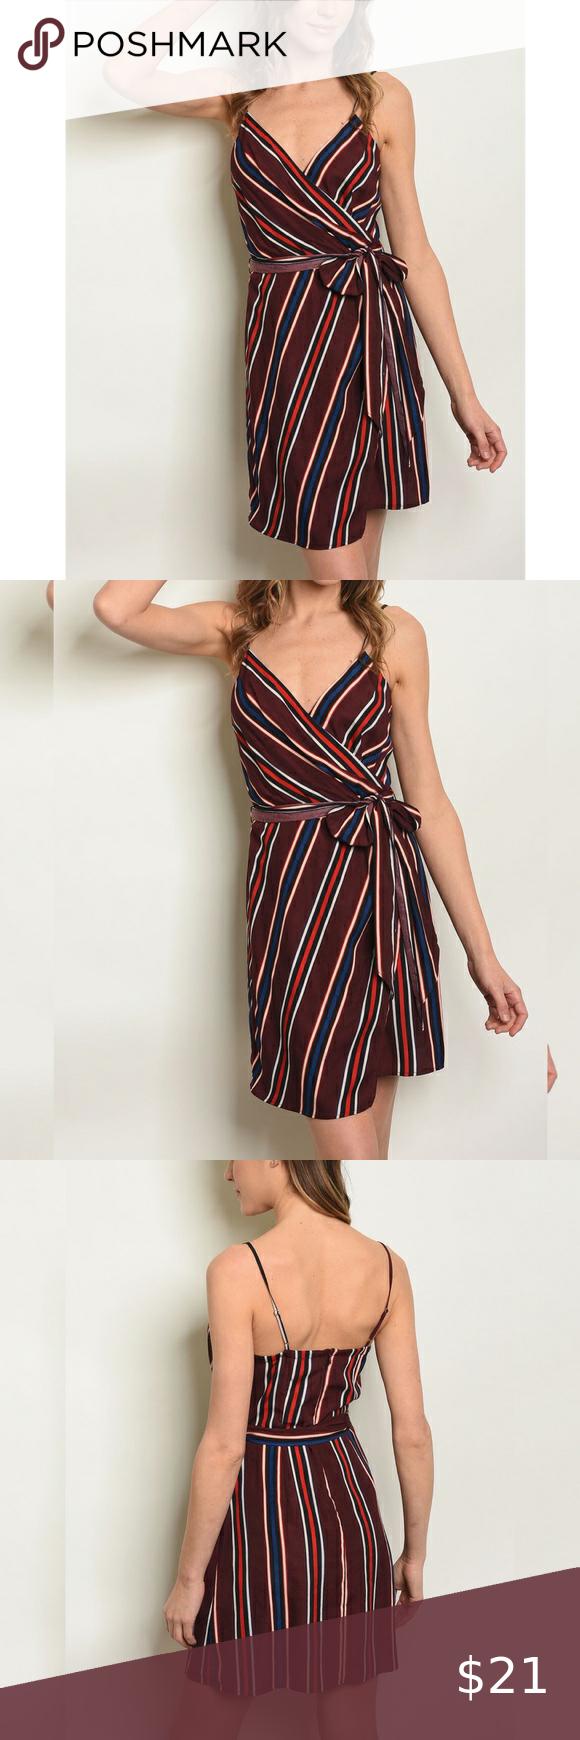 Wine Striped Wrap Dress Clothes Design Wrap Dress Dresses [ 1740 x 580 Pixel ]